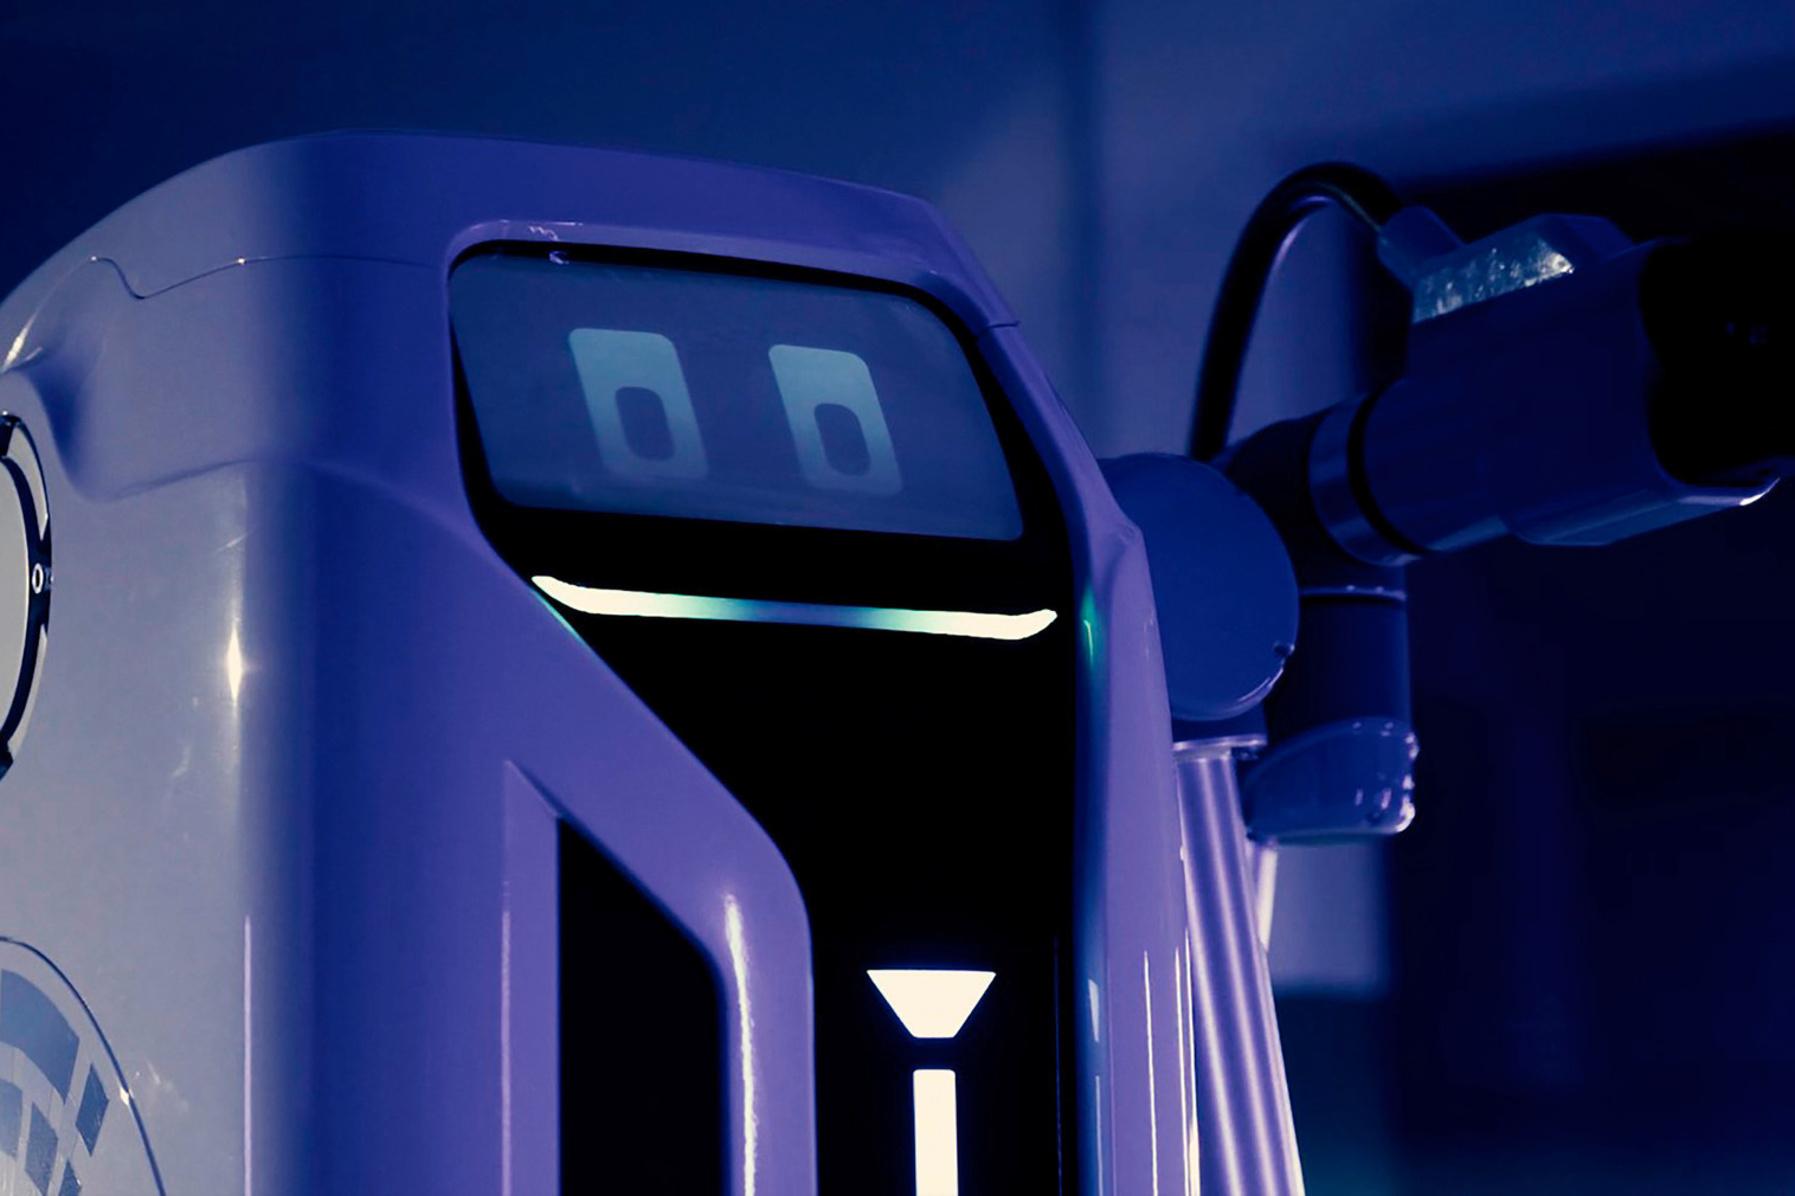 VW ontwikkelt een oplaadrobot, GF